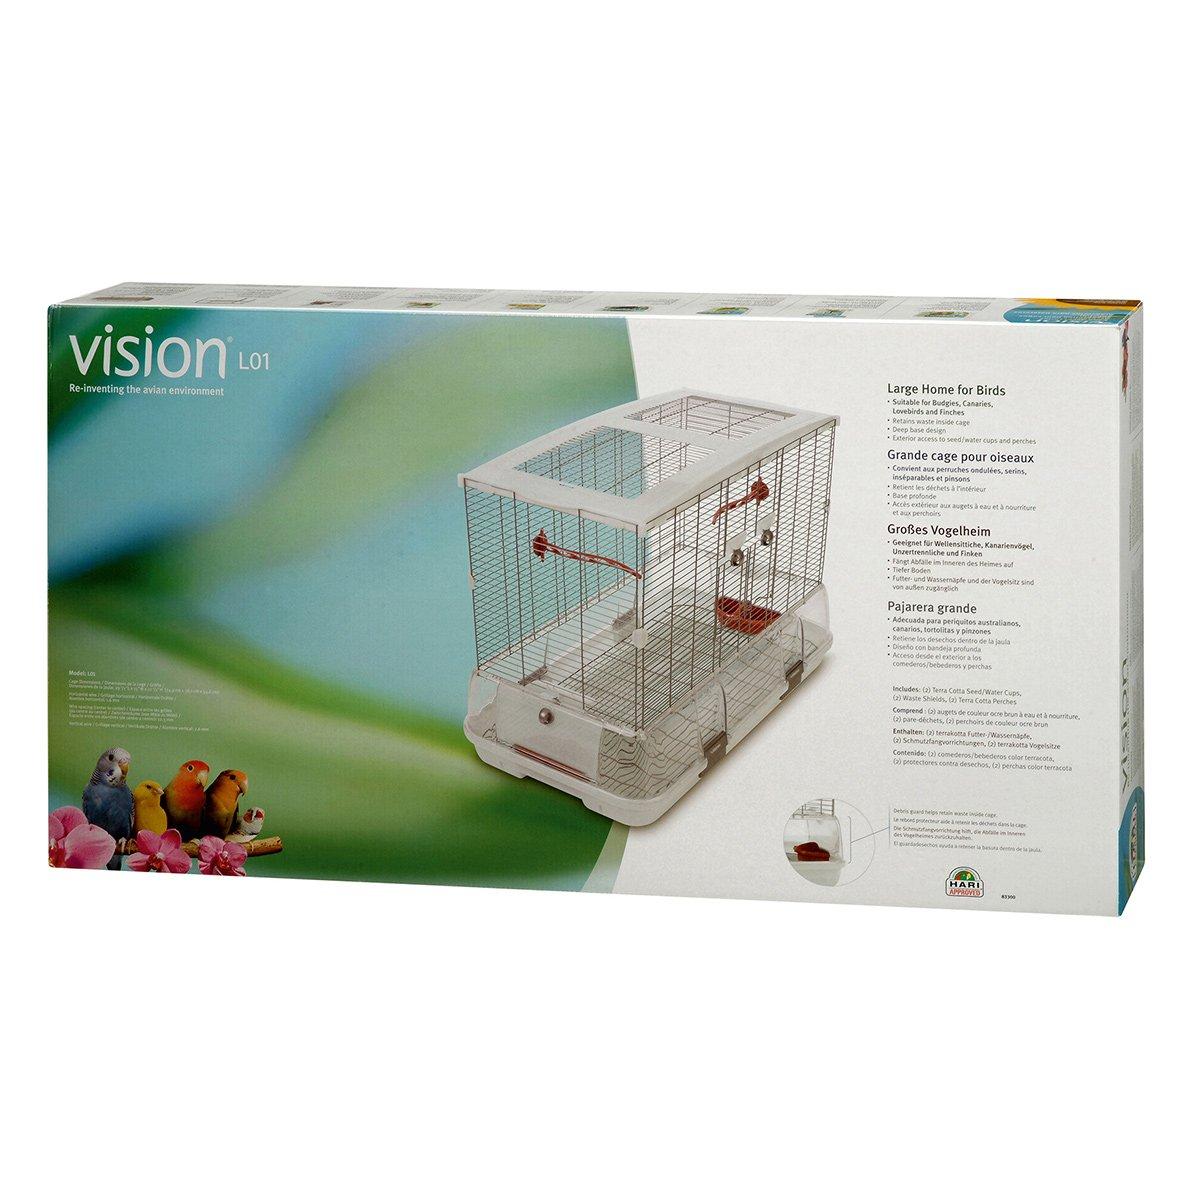 vogelk fig vision ii model l01 gro g nstig kaufen bei. Black Bedroom Furniture Sets. Home Design Ideas